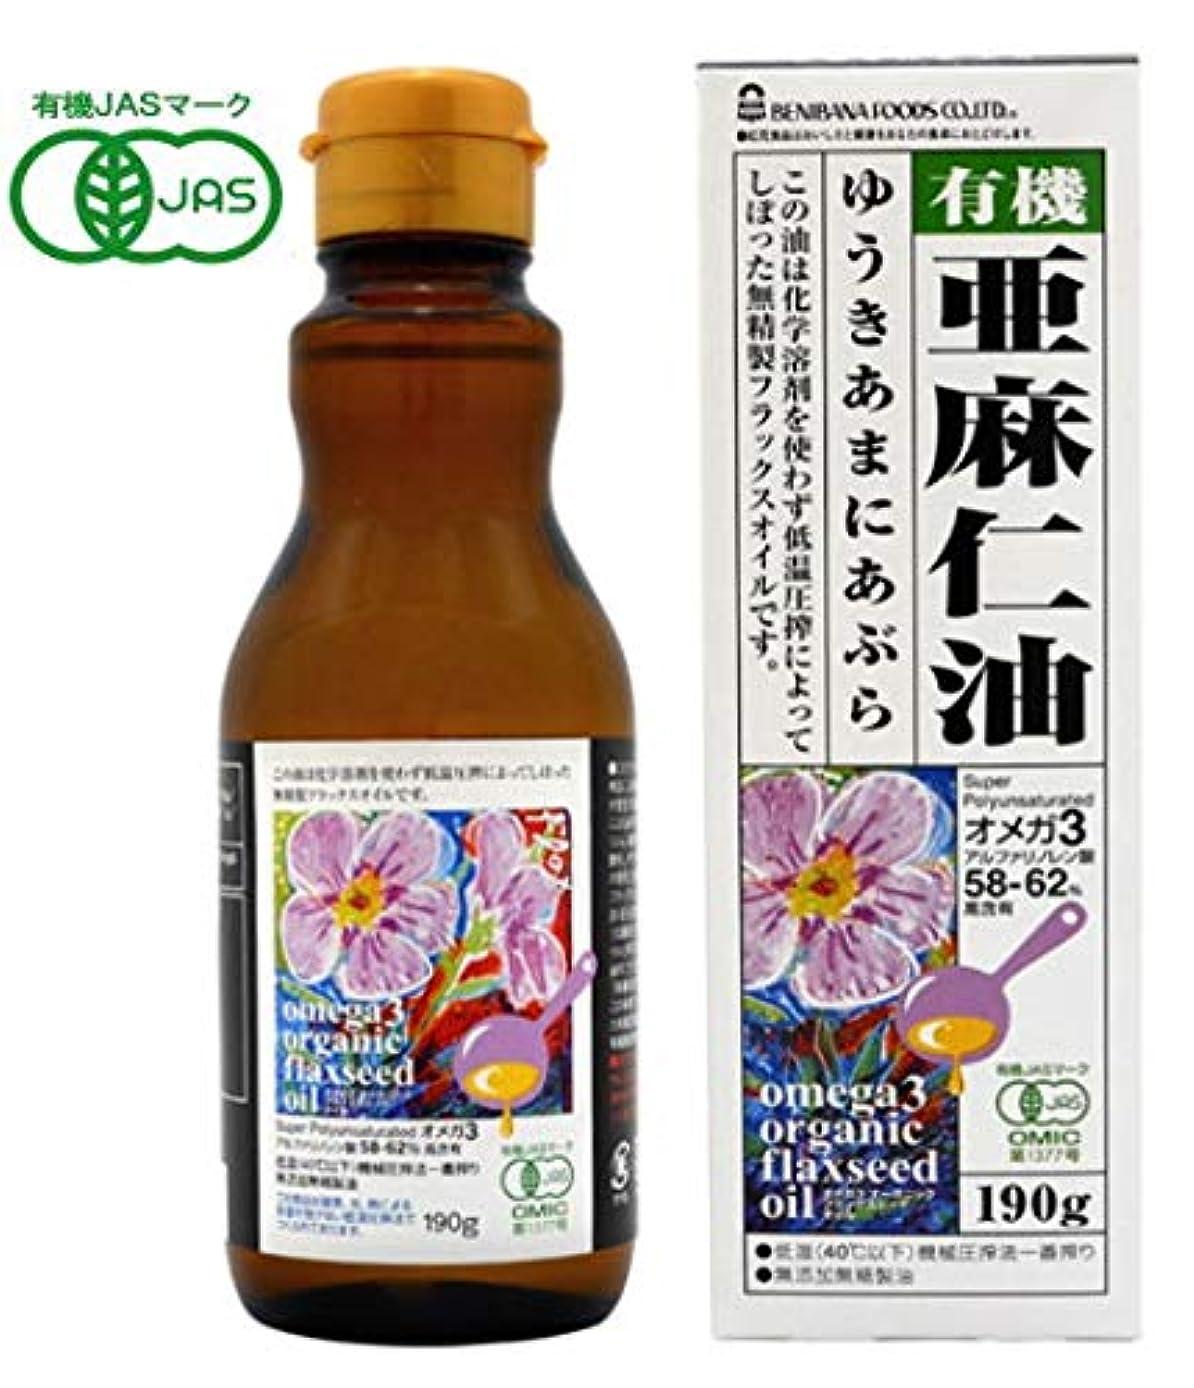 飢饉研究岸紅花食品 オーガニックフラックスシードオイル(有機亜麻仁油) 190g×8本セット